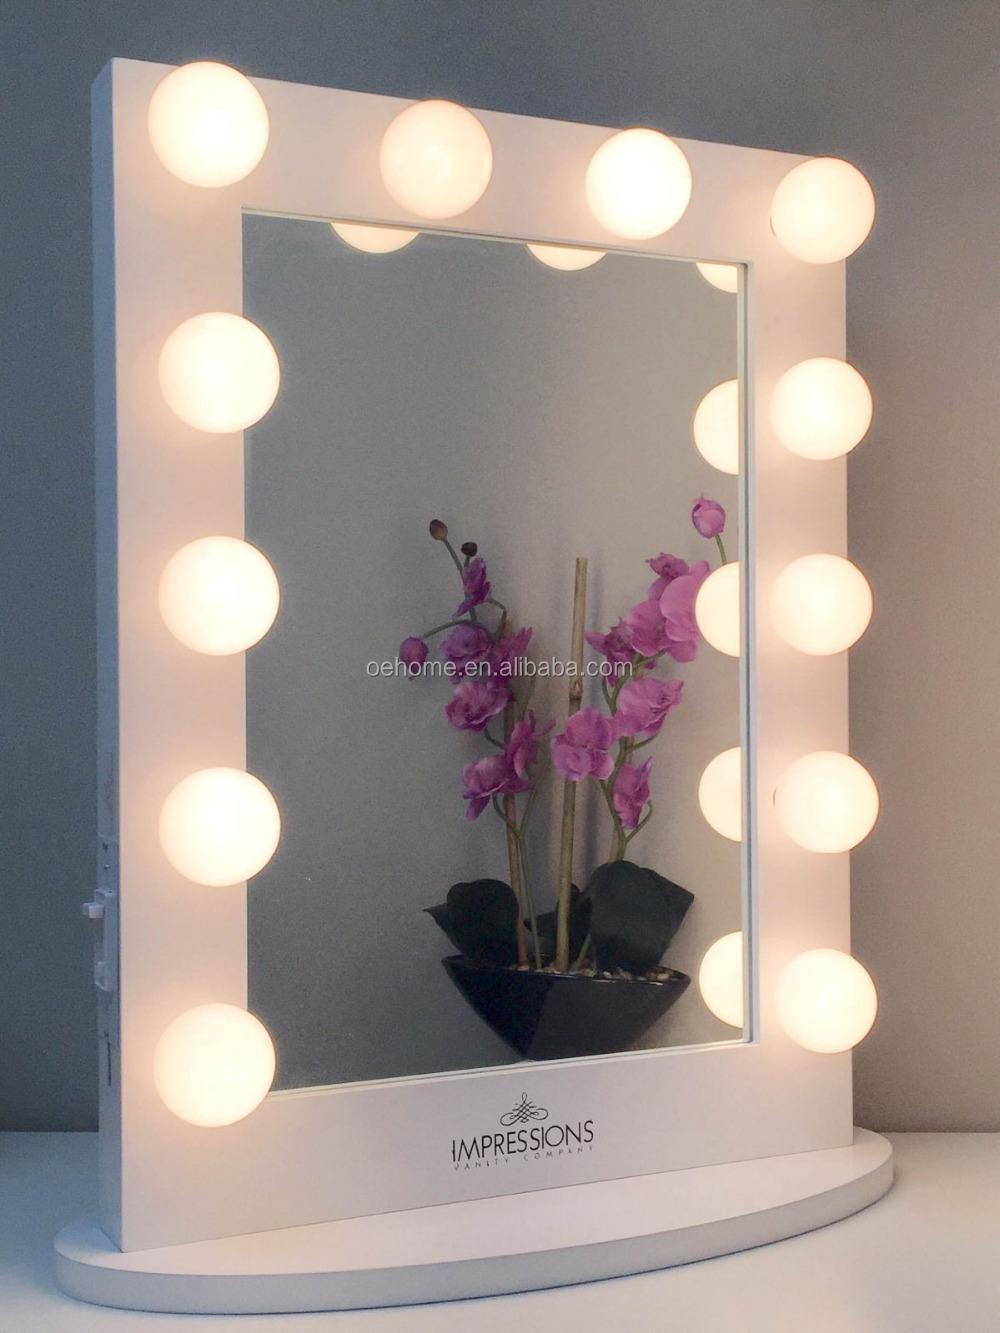 Coiffeuse avec lumineux miroir miroir de maquillageMiroir